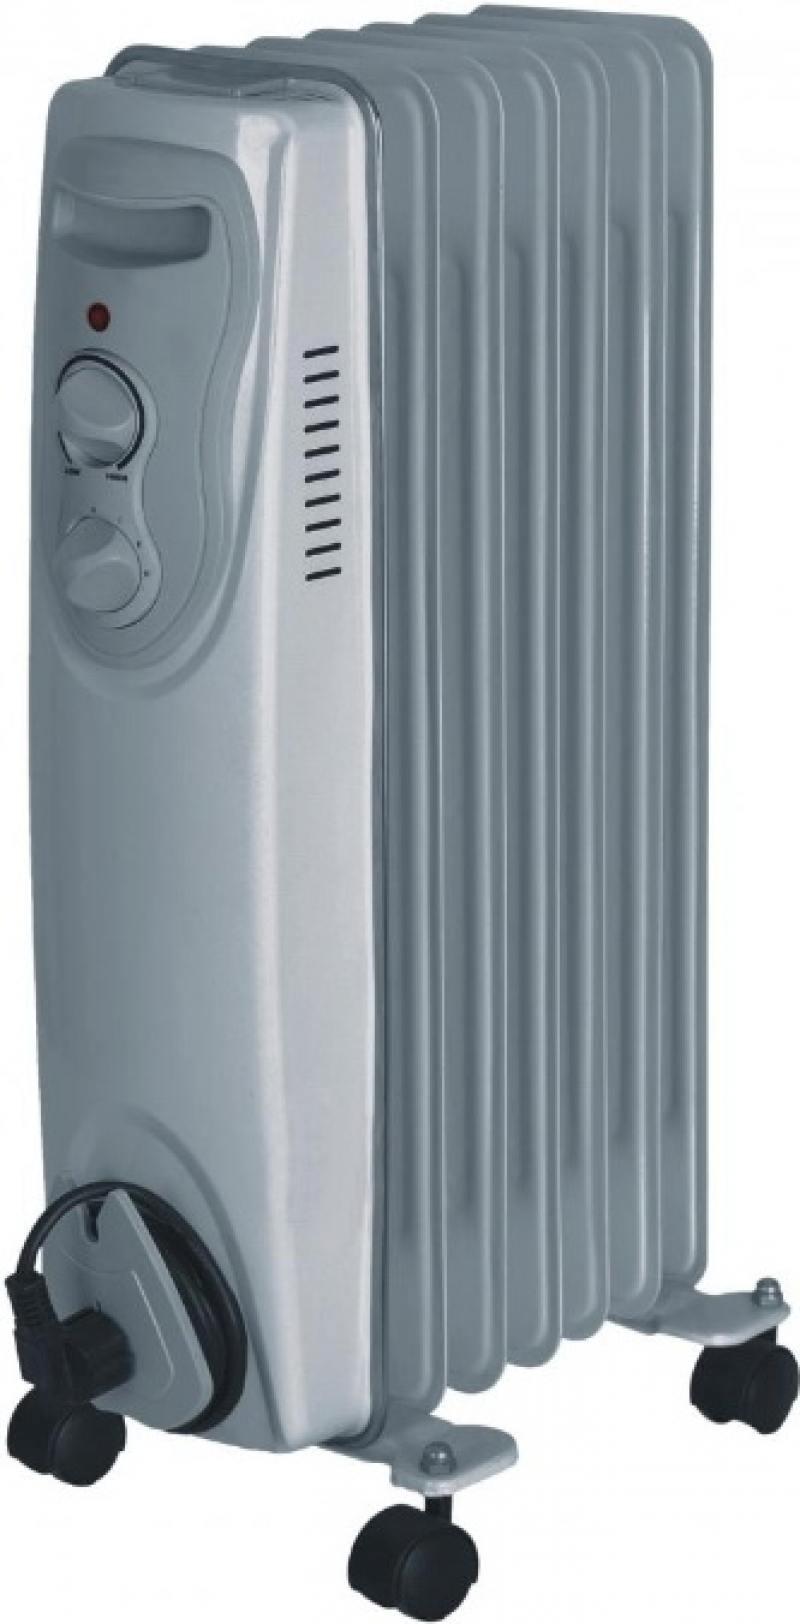 Масляный радиатор Saturn ST-OH 0431 1500 Вт белый